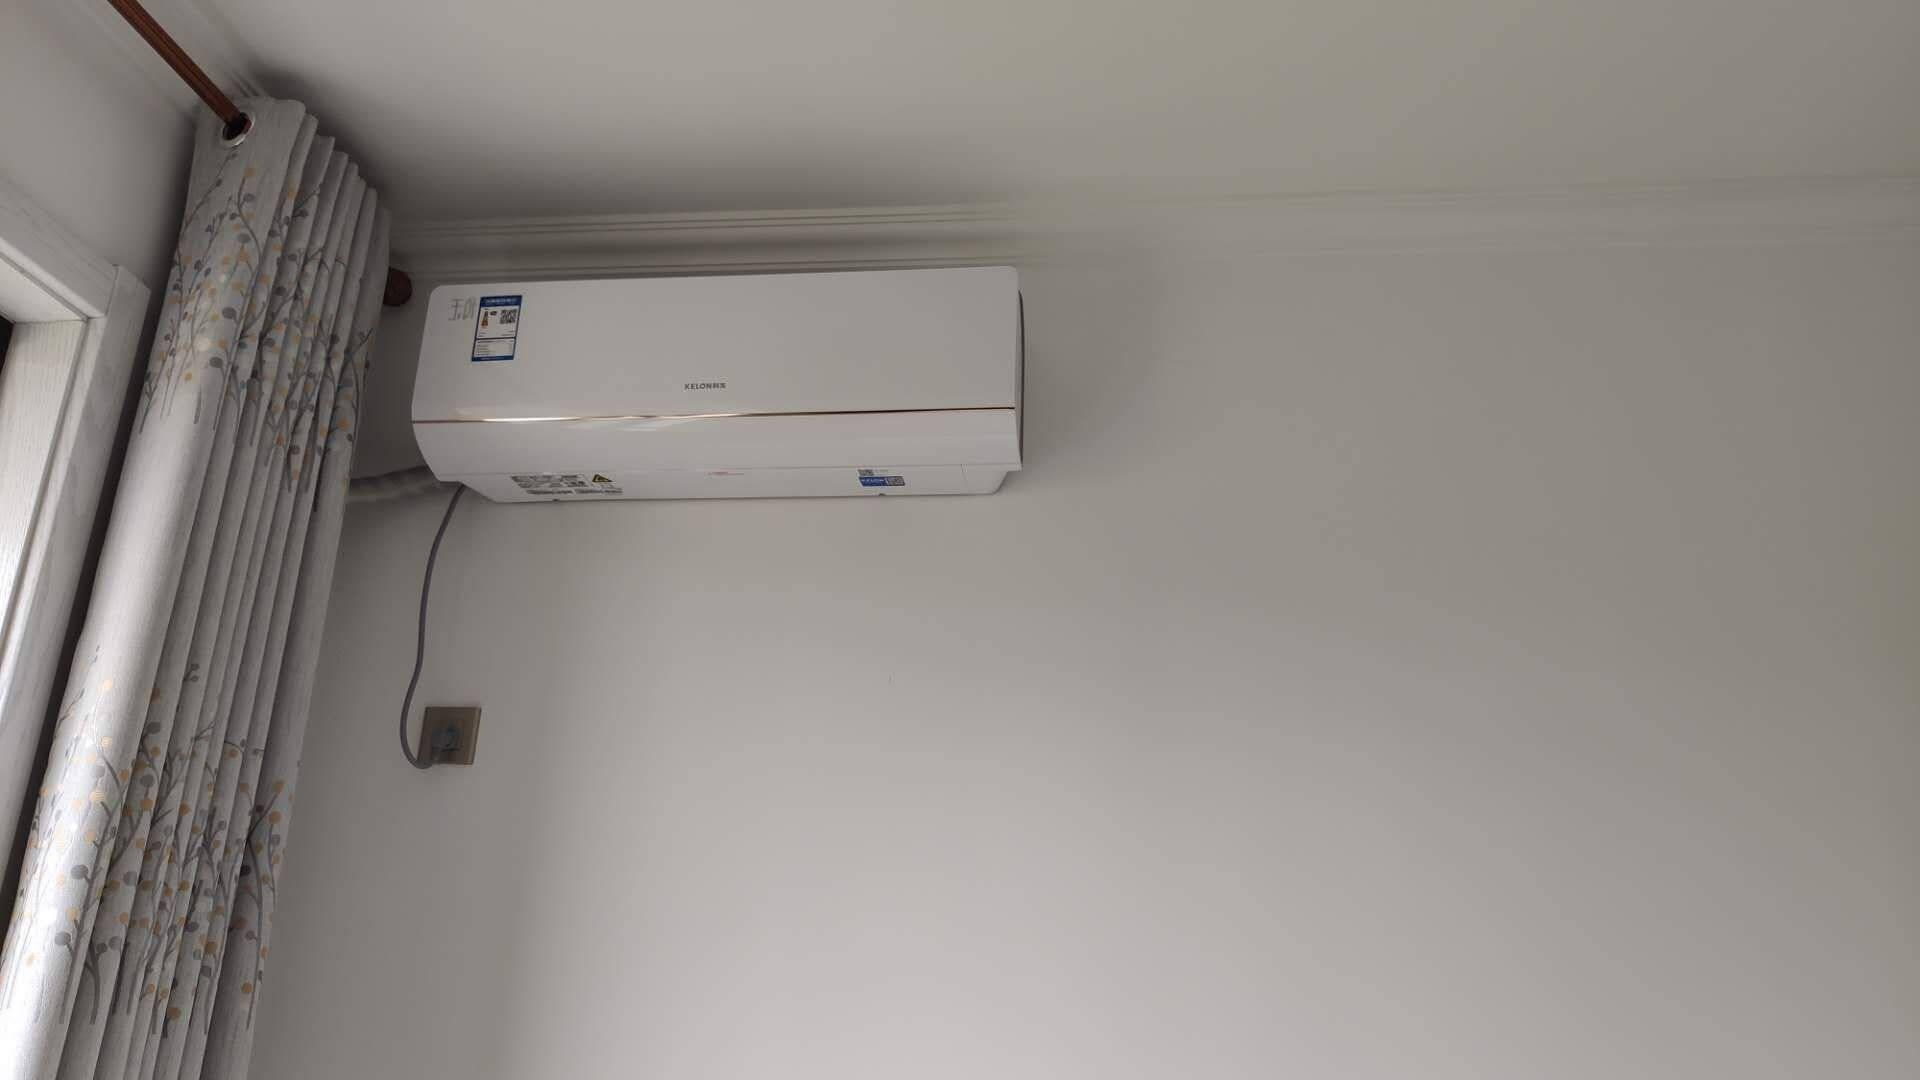 【新能效】海信1.5匹新一级能效变频冷暖家用省电智能自清洁挂式空调EF20A1